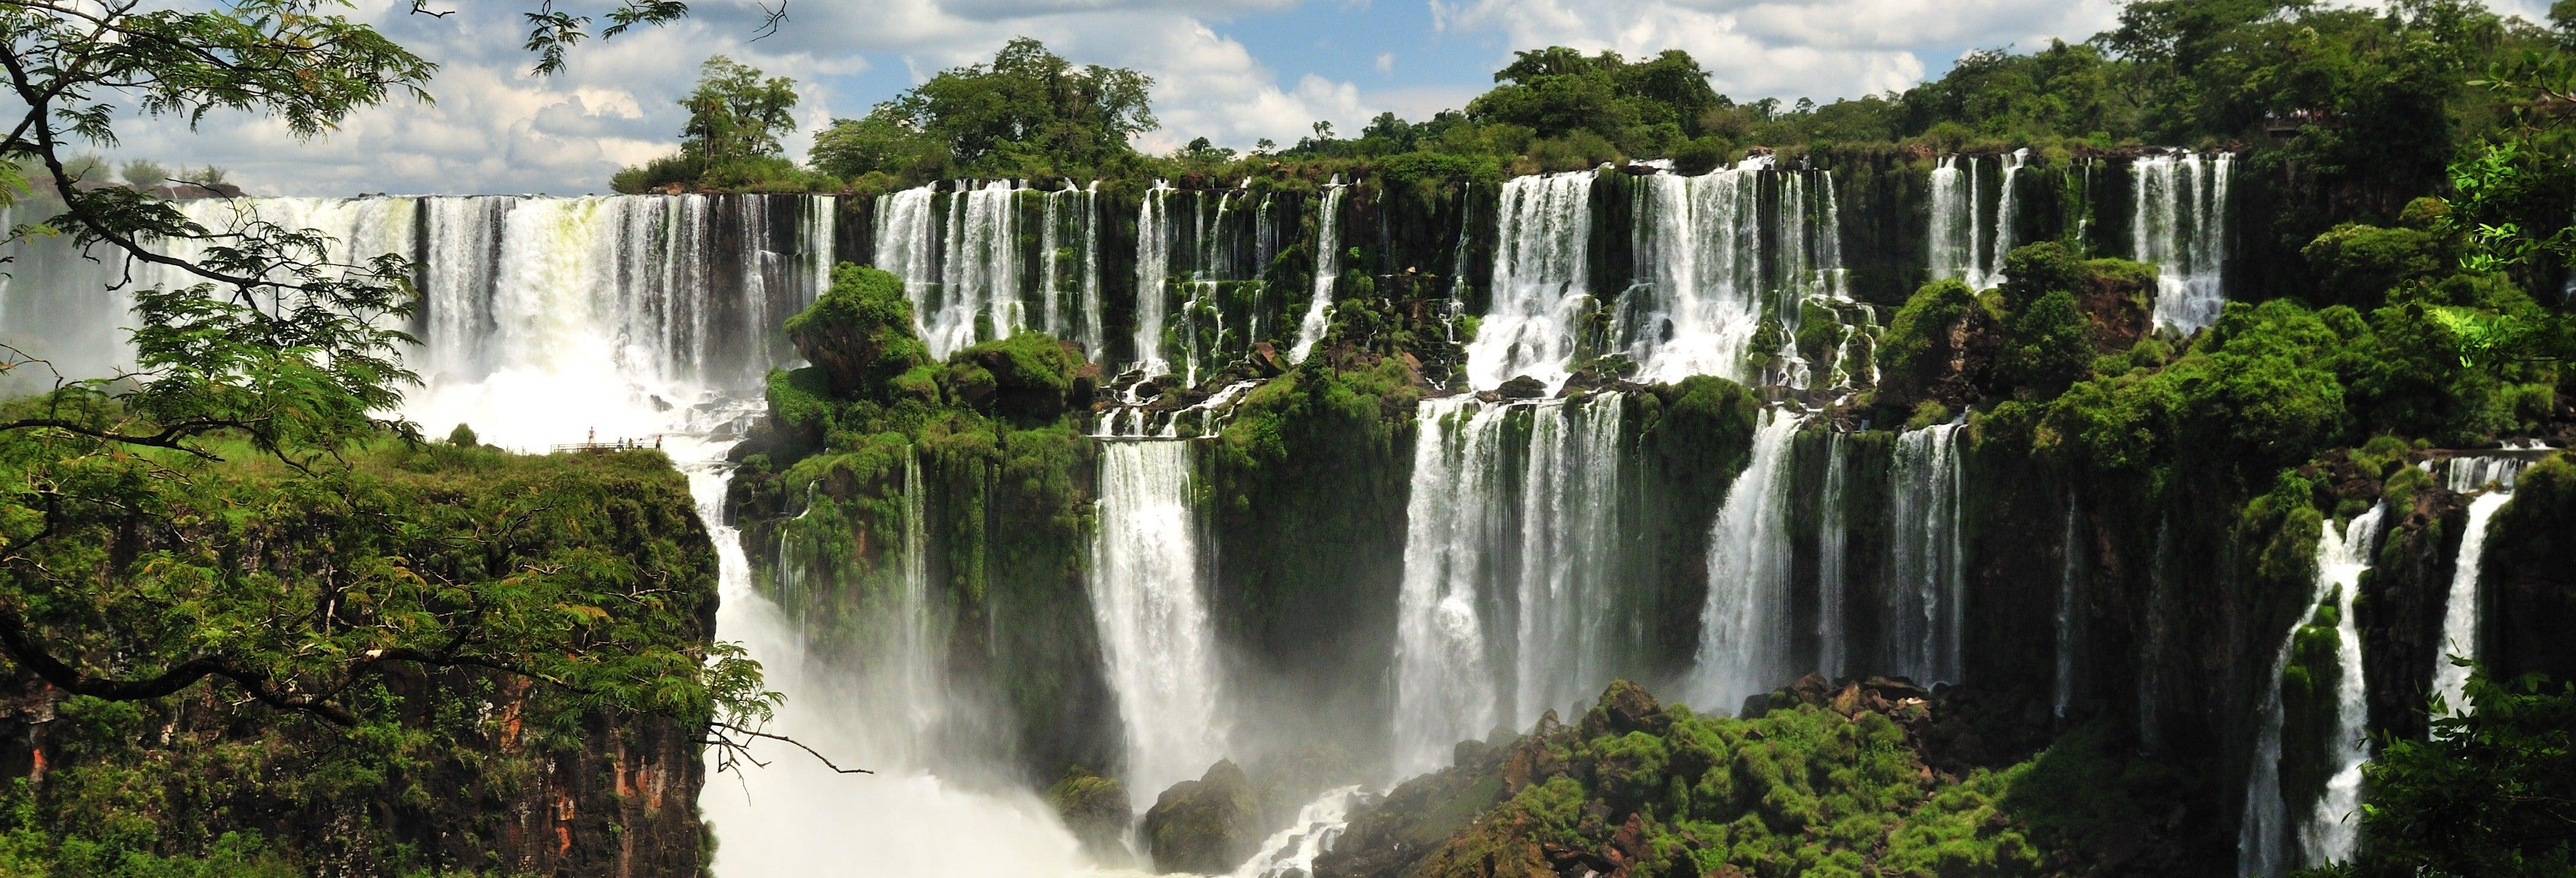 Excursão ao lado argentino das Cataratas do Iguaçu